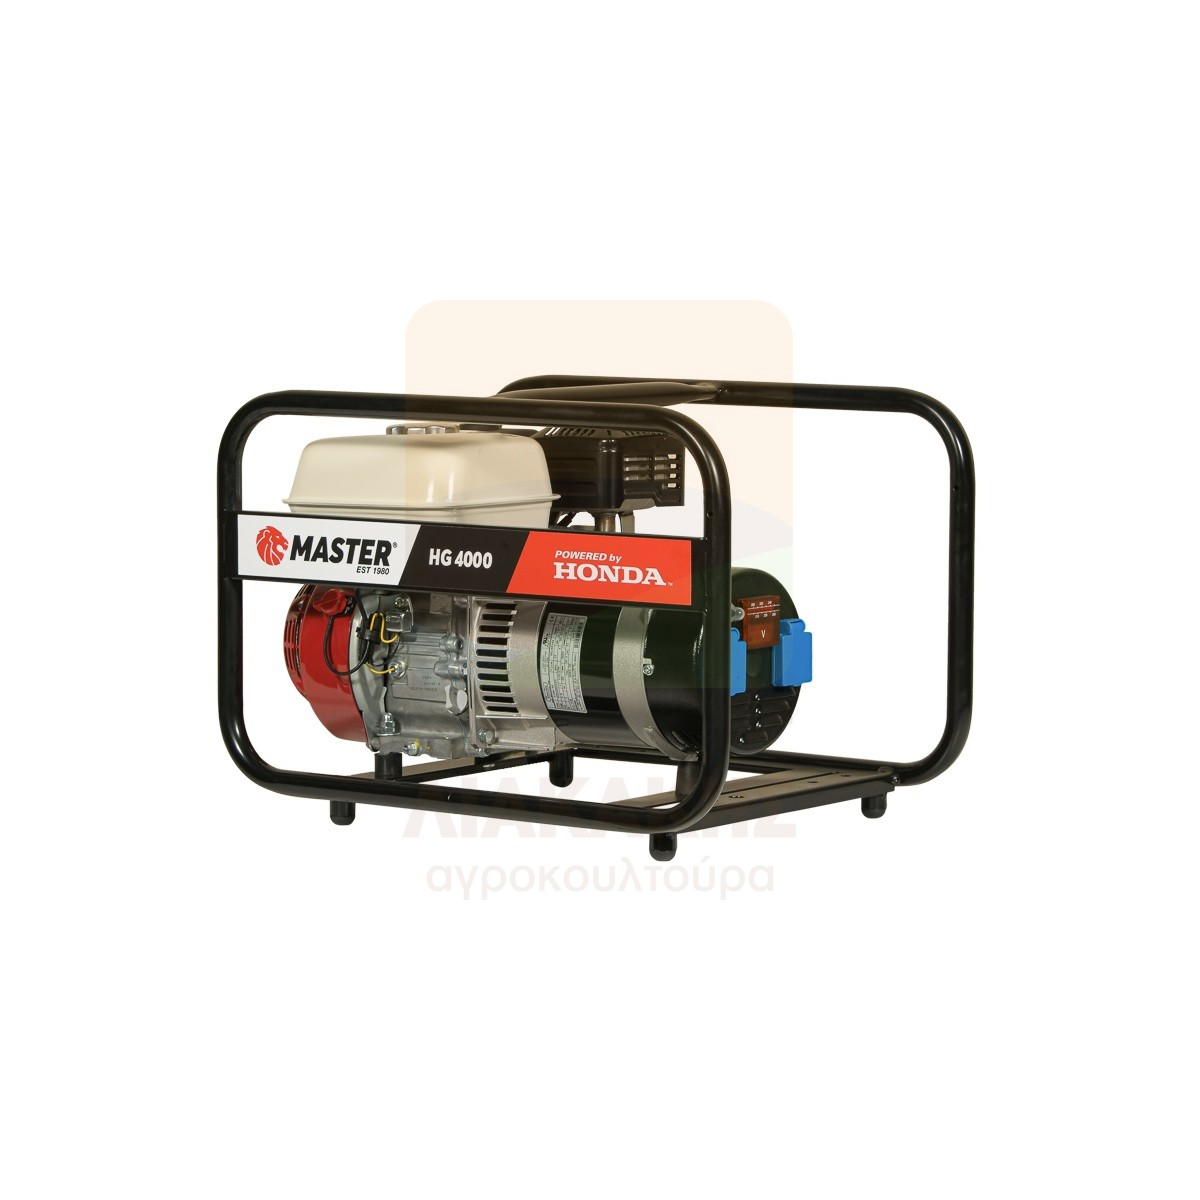 Γεννήτρια βενζίνης μονοφασική 2.4 kVA MASTER